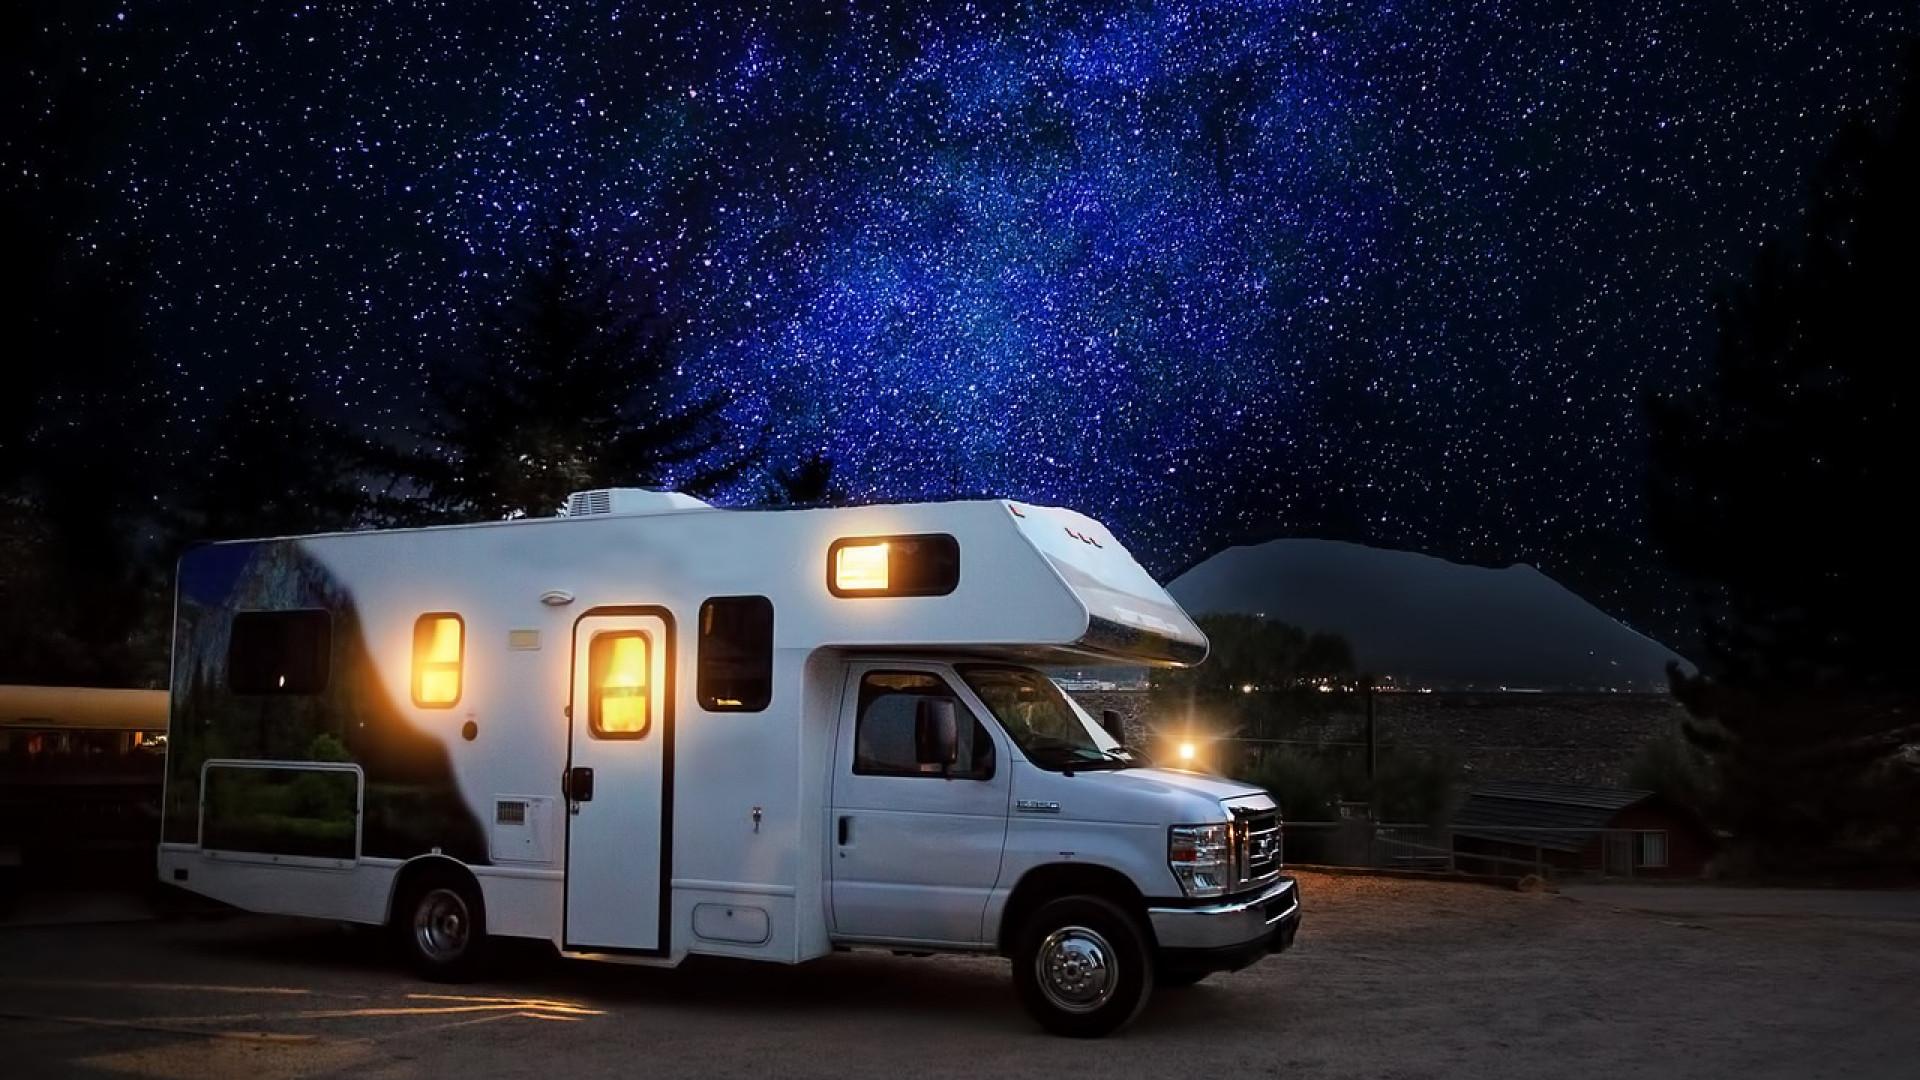 et-si-envisagiez-un-camping-en-dordogne-cet-ete.png